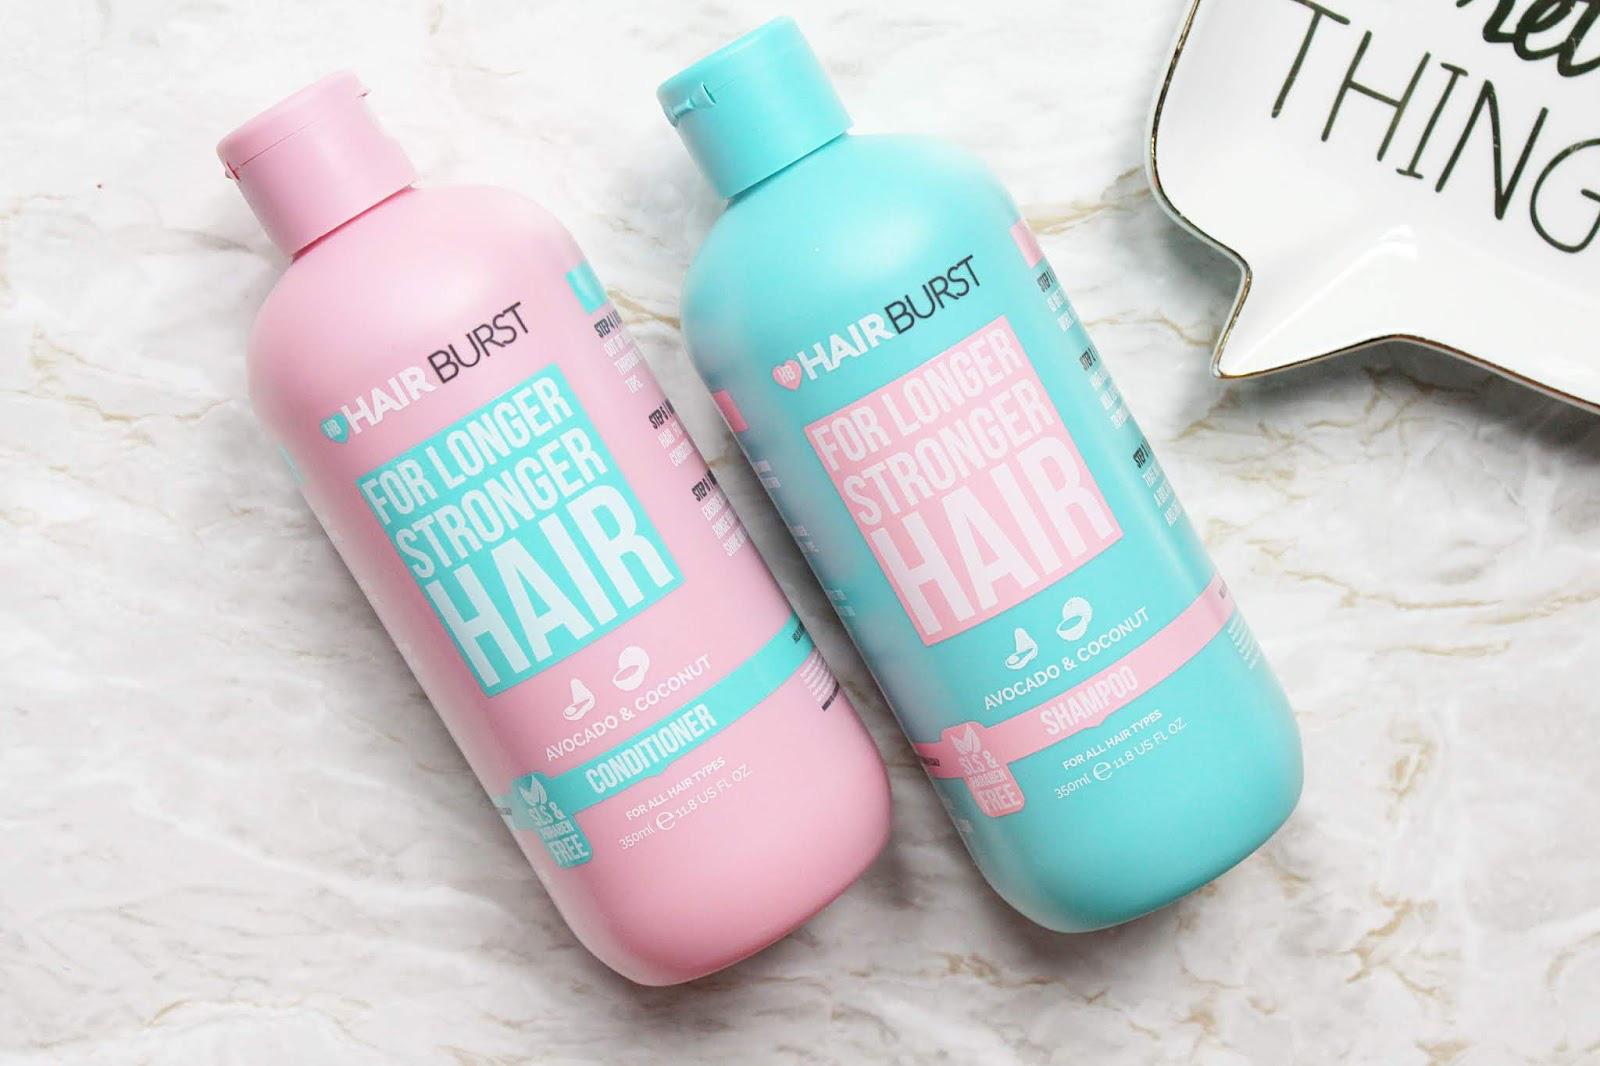 """Tiếc tiền đi salon mà vẫn muốn tóc đẹp miên man thì bạn phải sắm đủ combo gội xả """"xịn sò"""" mới được - Ảnh 3."""